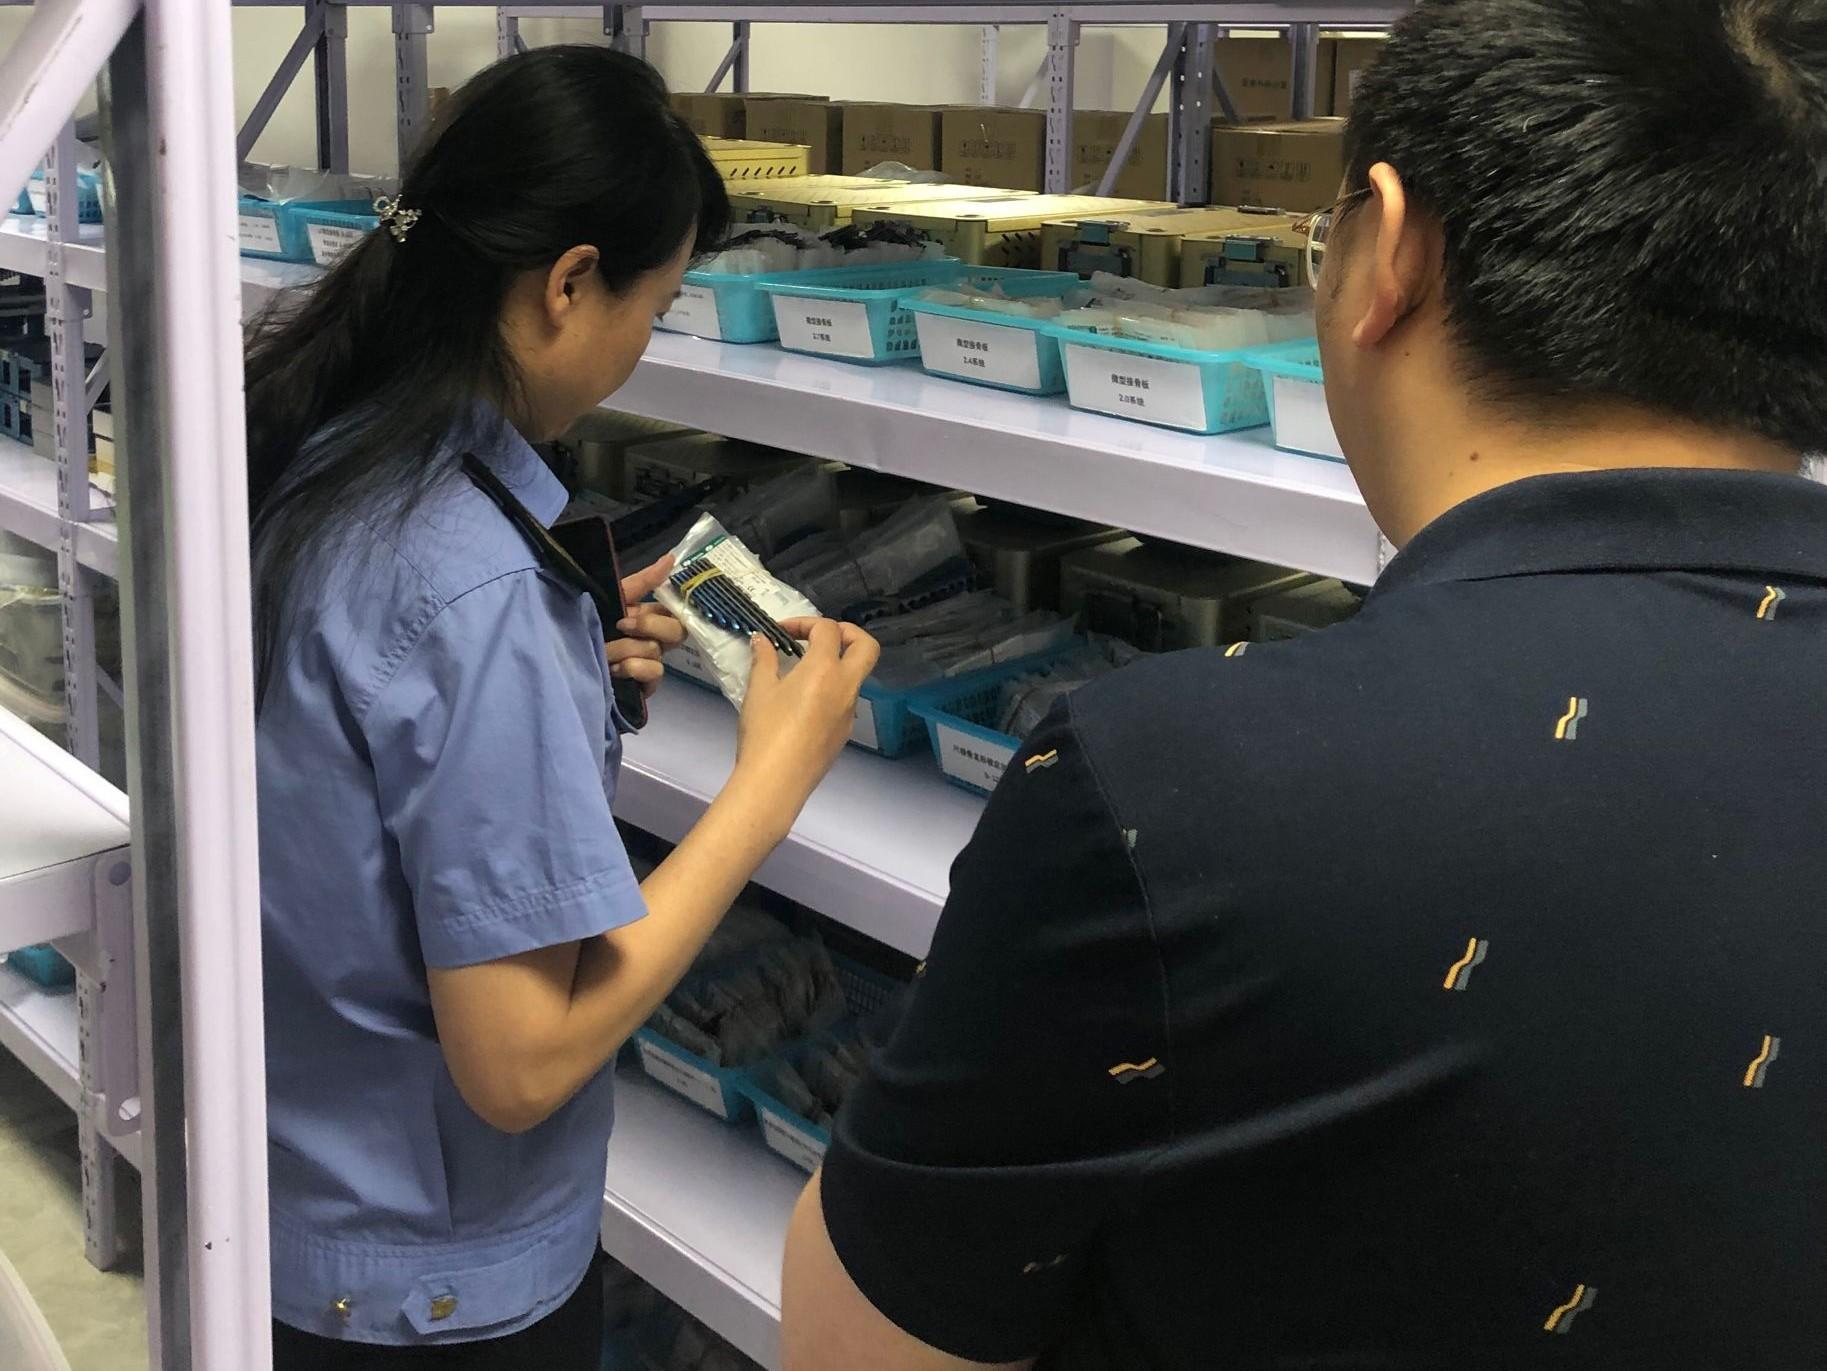 安宁区积极开展无菌和植入性医疗器械专项监督检查